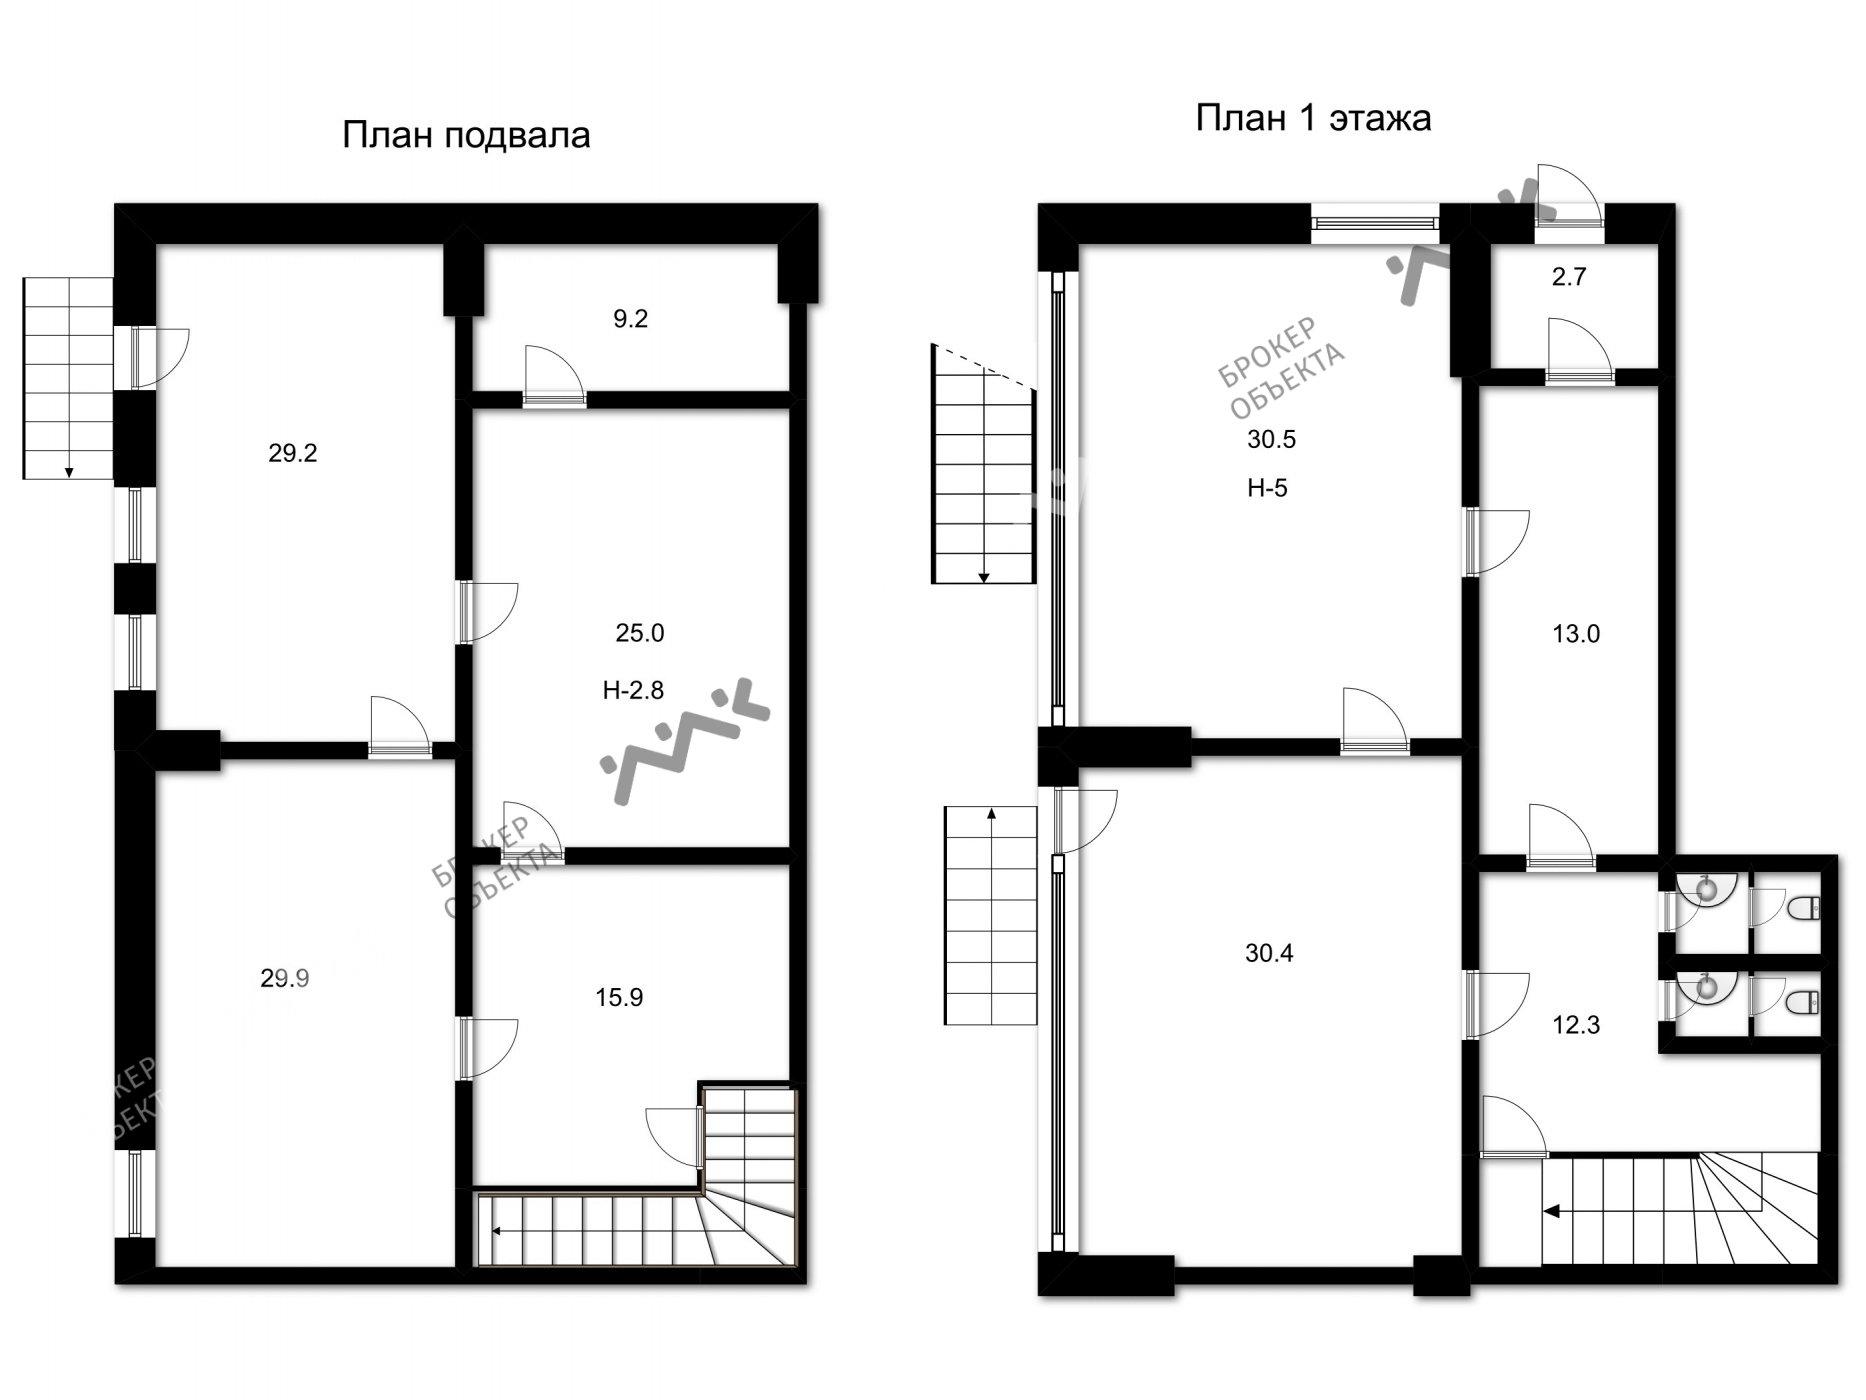 Планировка Большеохтинский проспект, д.9. Лот № 1777056